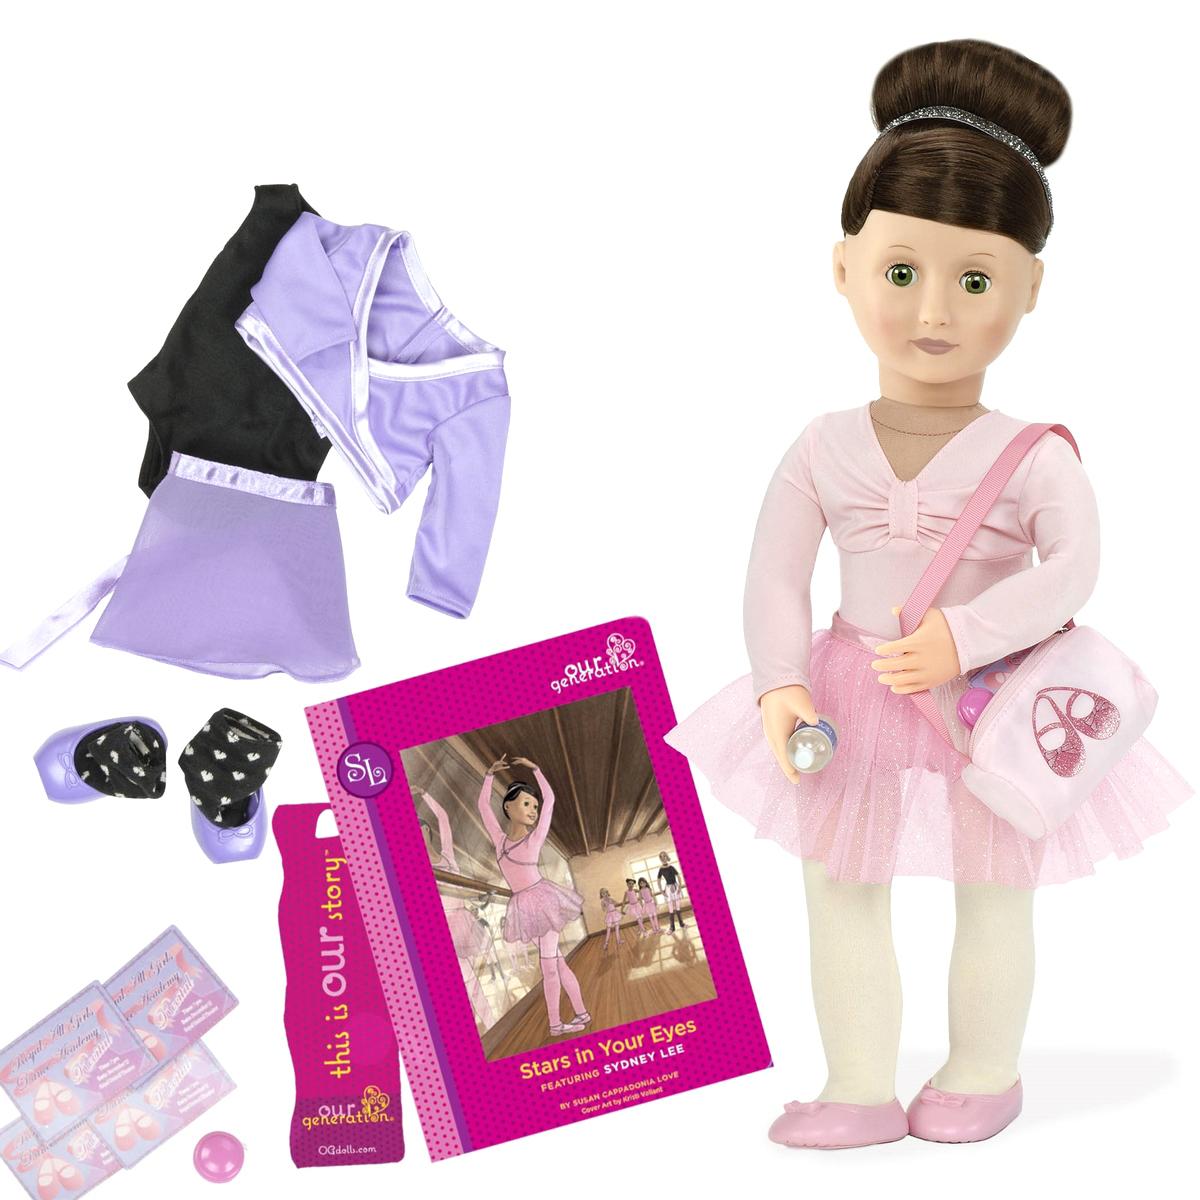 Our Generation Игровой набор с куклой Сидни Ли и Огонь в твоих глазах11537Игровой набор с куклой Our Generation Сидни Ли и Огонь в твоих глазах очарует любую девочку. Сидни Ли очень любит танцы и поэтому с огромным удовольствием посещает балетную студию. У неё есть множество аксессуаров и, конечно же, своя милая история, о которой можно узнать из книжки, входящей в данный набор. Тело куколки мягко-набивное, а голова, ноги и руки выполнены из винила. Данный материал нетоксичен и не вызывает аллергии. Набор выпускается с 2 полными комплектами одежды и множеством забавных аксессуаров. В комплекте с куклой имеется: розовое балетное трико, блестящая балетная пачка, колготки, блестящая повязка на голову, блестящая сумочка балерины, 2 пары балетных туфелек, черное балетное трико, фиолетовая шифоновая юбочка, фиолетовая кофточка, гетры, бутылочка для воды, йо-йо, 4 приглашения на прослушивание, газета, книга с историей на русском языке. Благодаря играм с куклой, ваша малышка сможет развить фантазию и любознательность, овладеть навыками общения и...